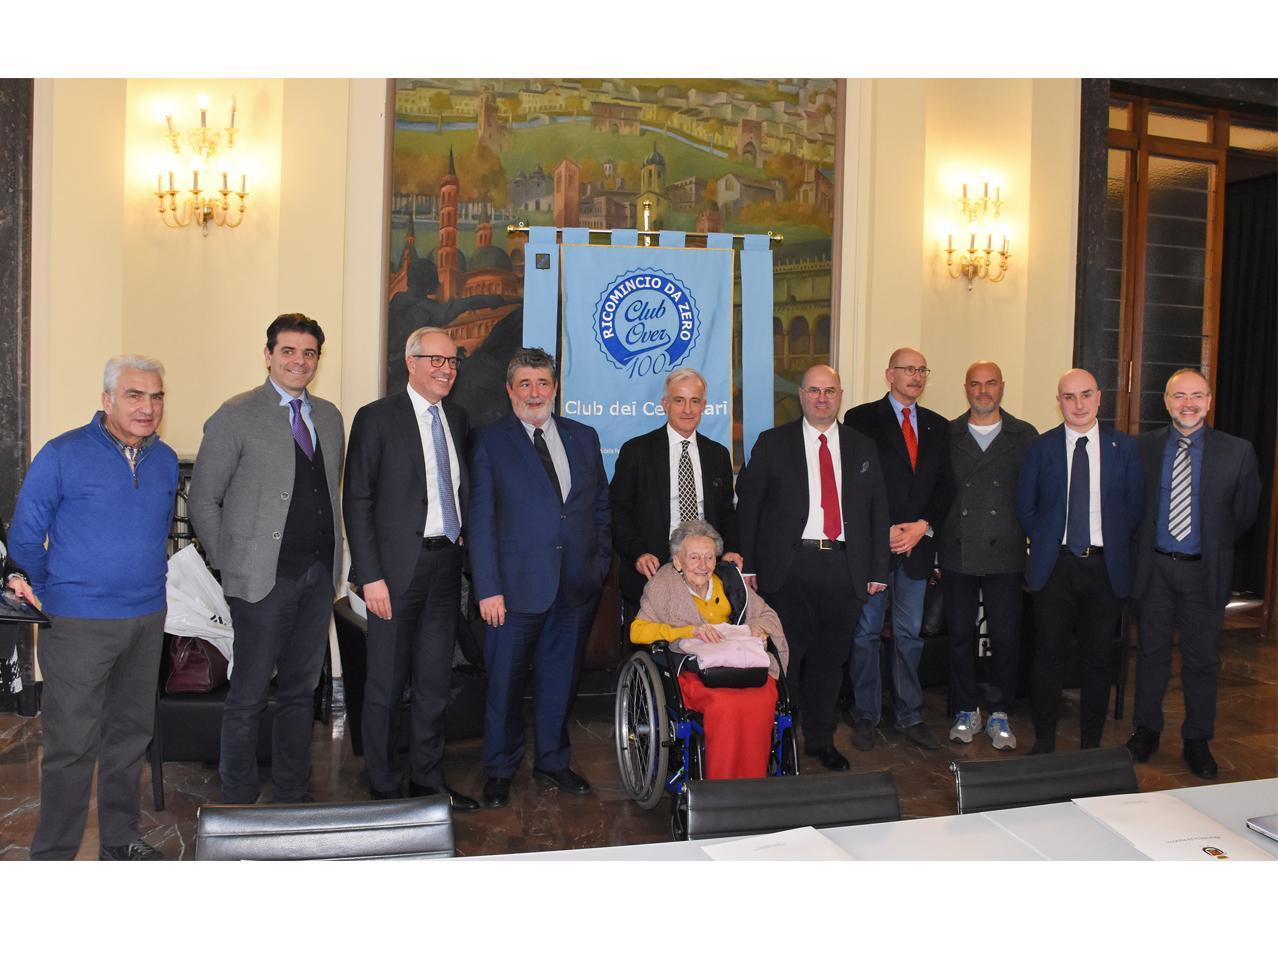 Il presidente Fabio Bui con la signora Moro testimonial dell'evento e i sostenitori dell'iniziativa.